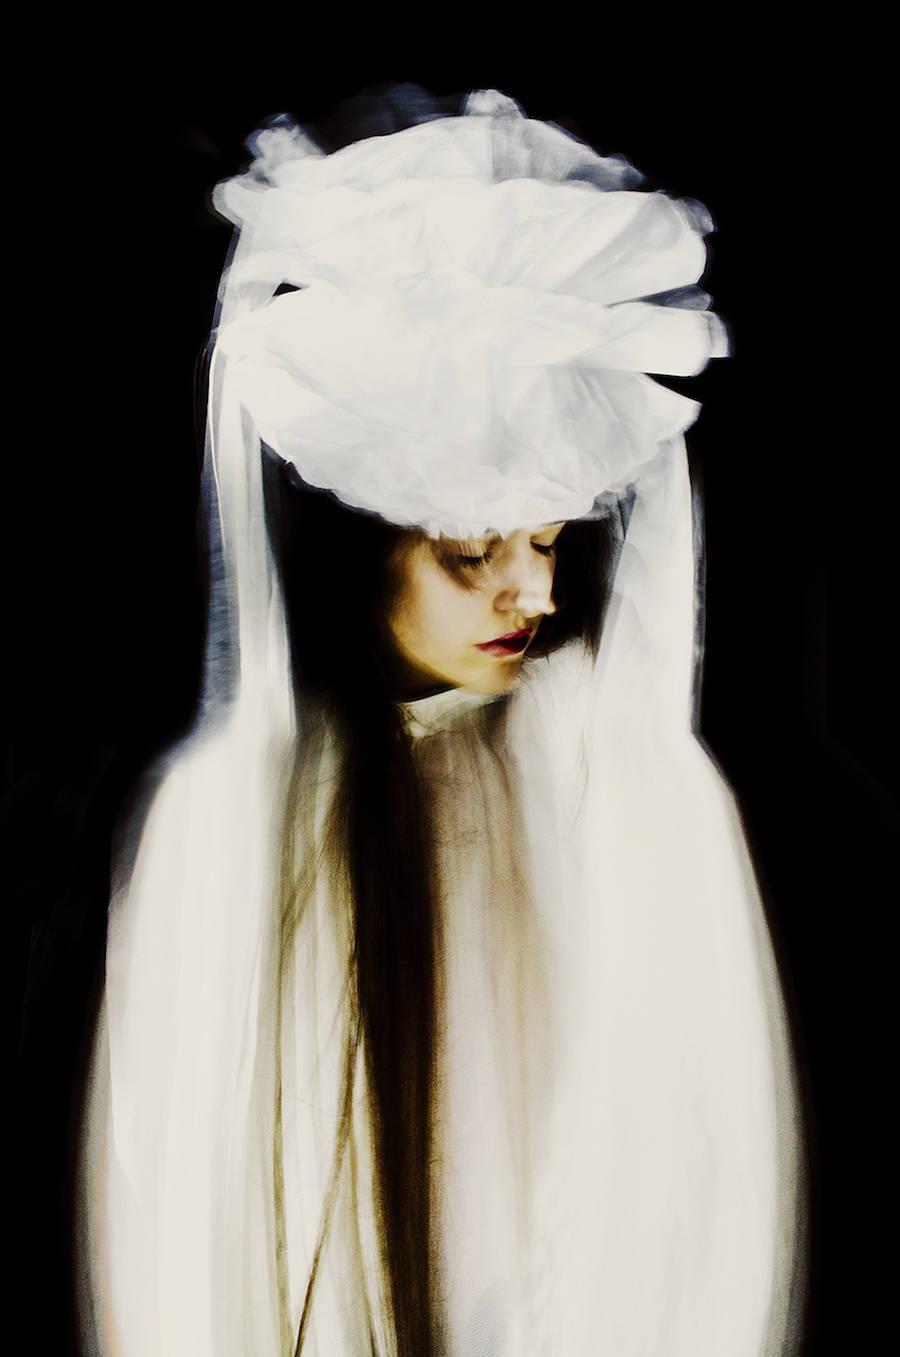 Anne-Laure Etienne